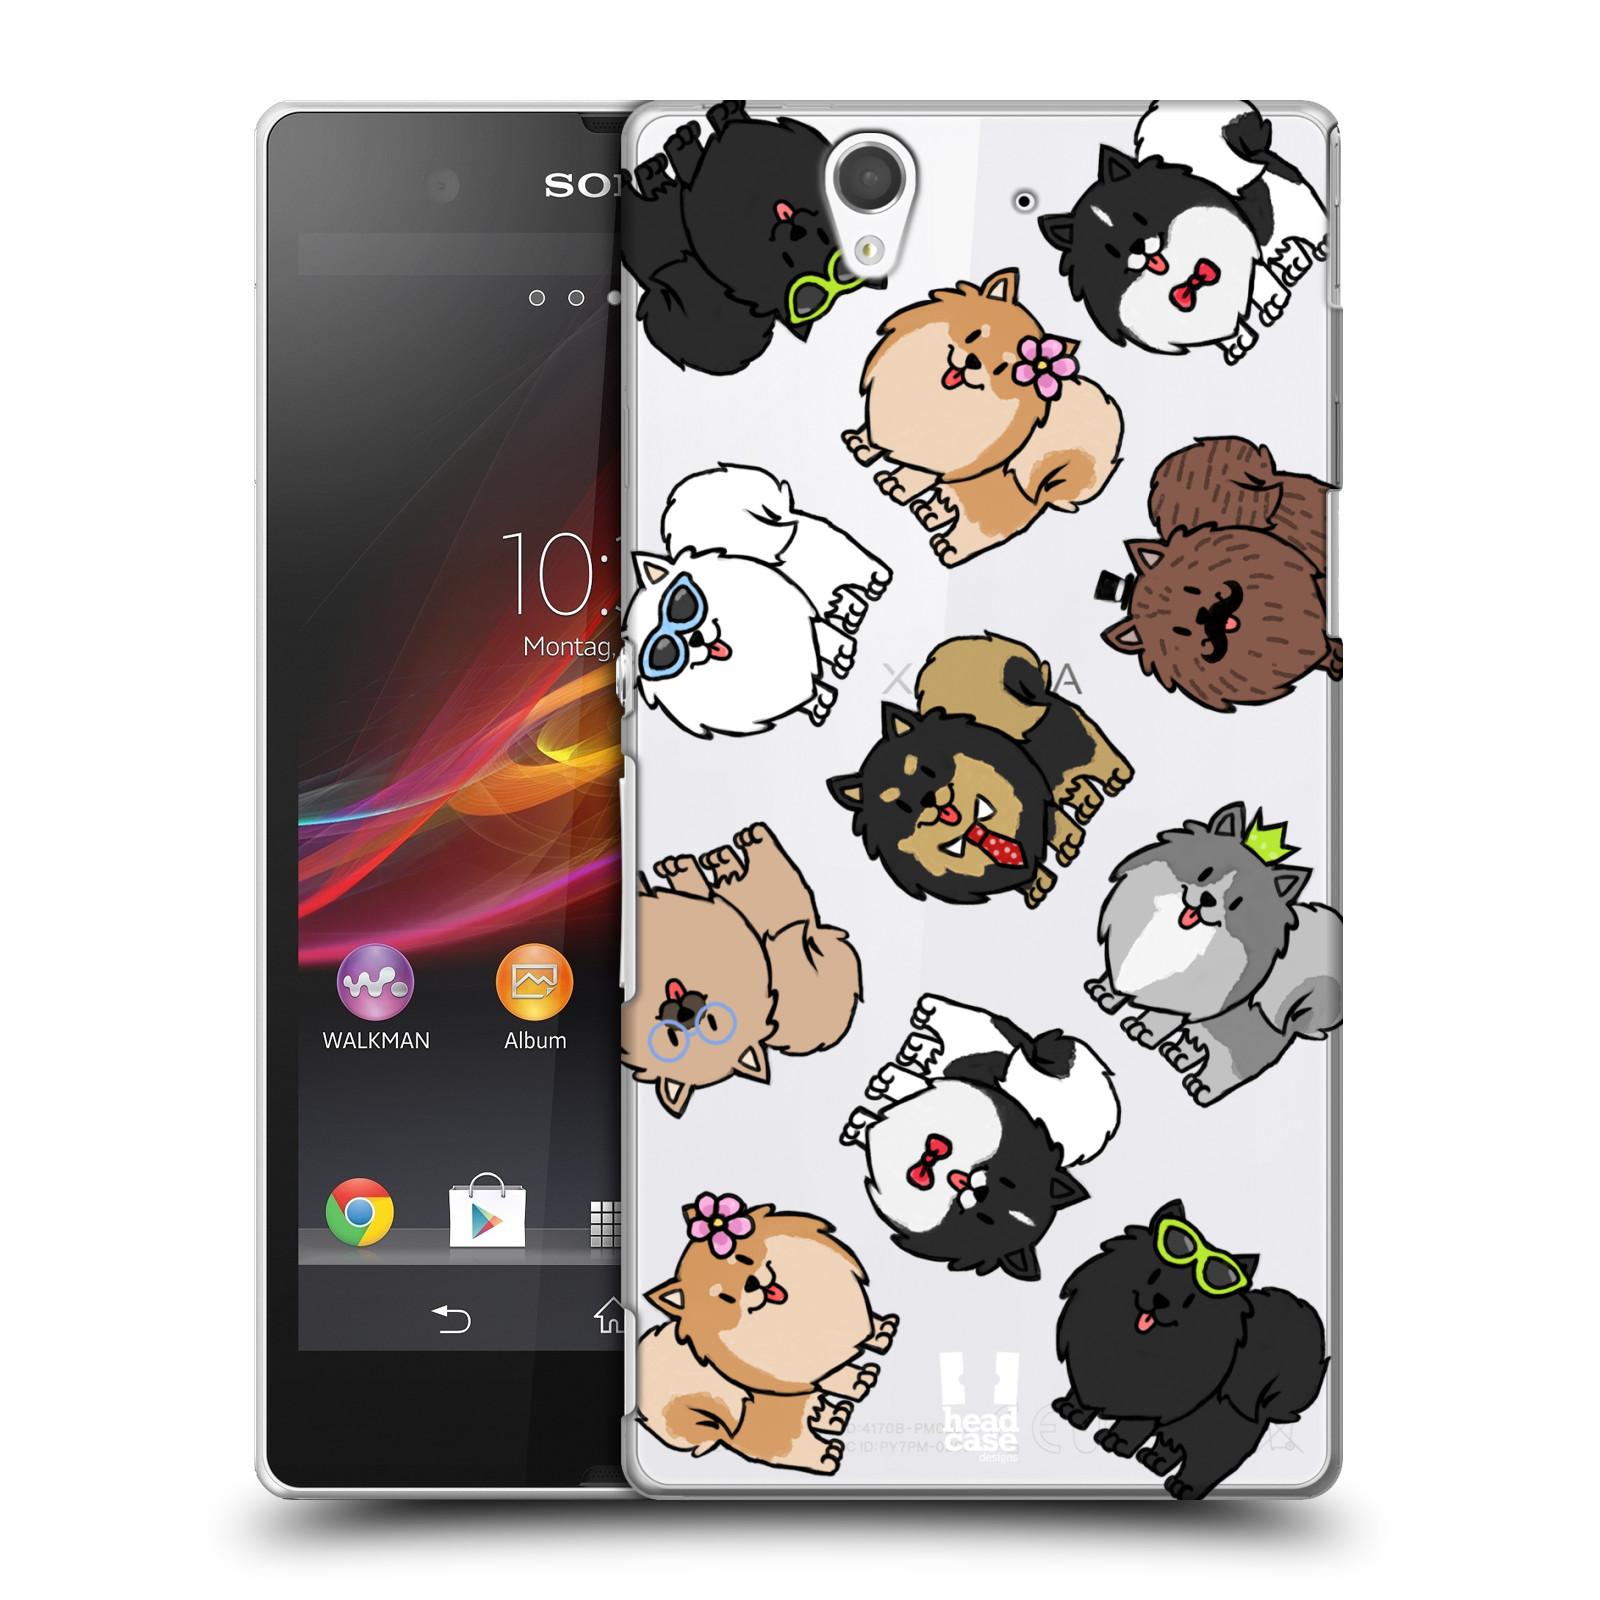 Plastové pouzdro na mobil Sony Xperia Z C6603 Head Case - Špic - Pomeranian (Plastový kryt či obal na mobilní telefon s motivem špice pro Sony Xperia Z)